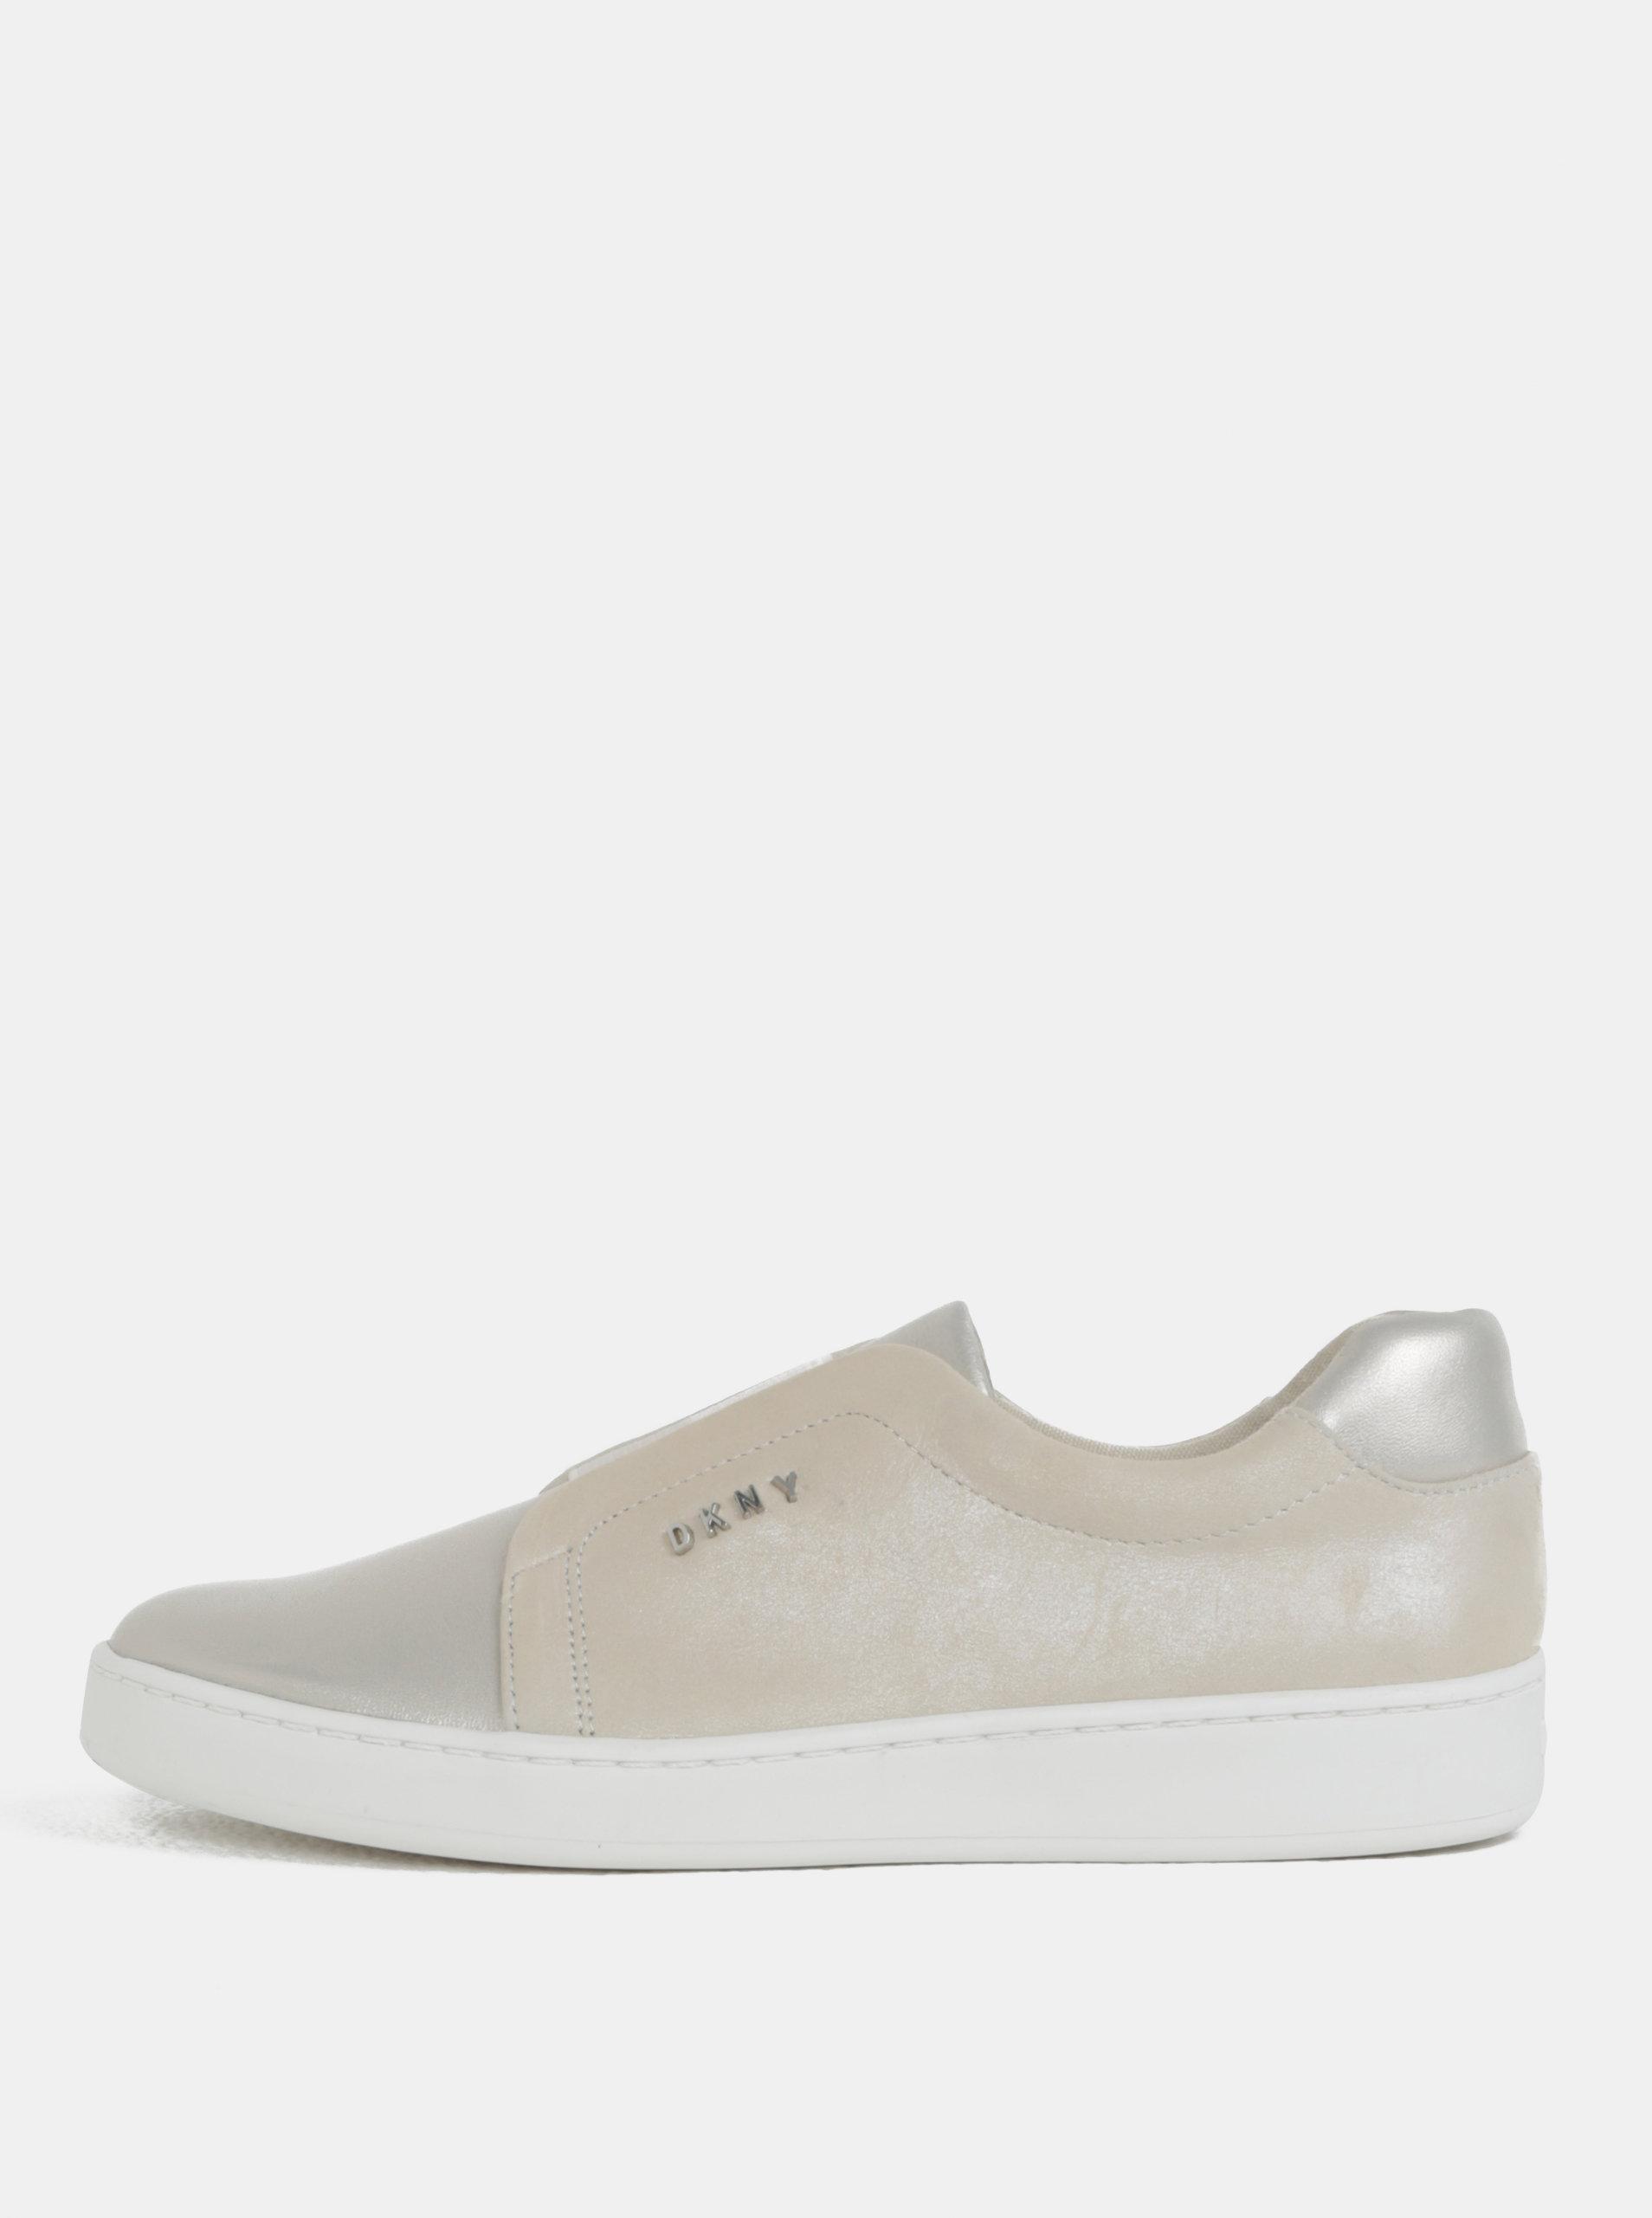 Béžové kožené slip on s detaily ve stříbrné barvě DKNY